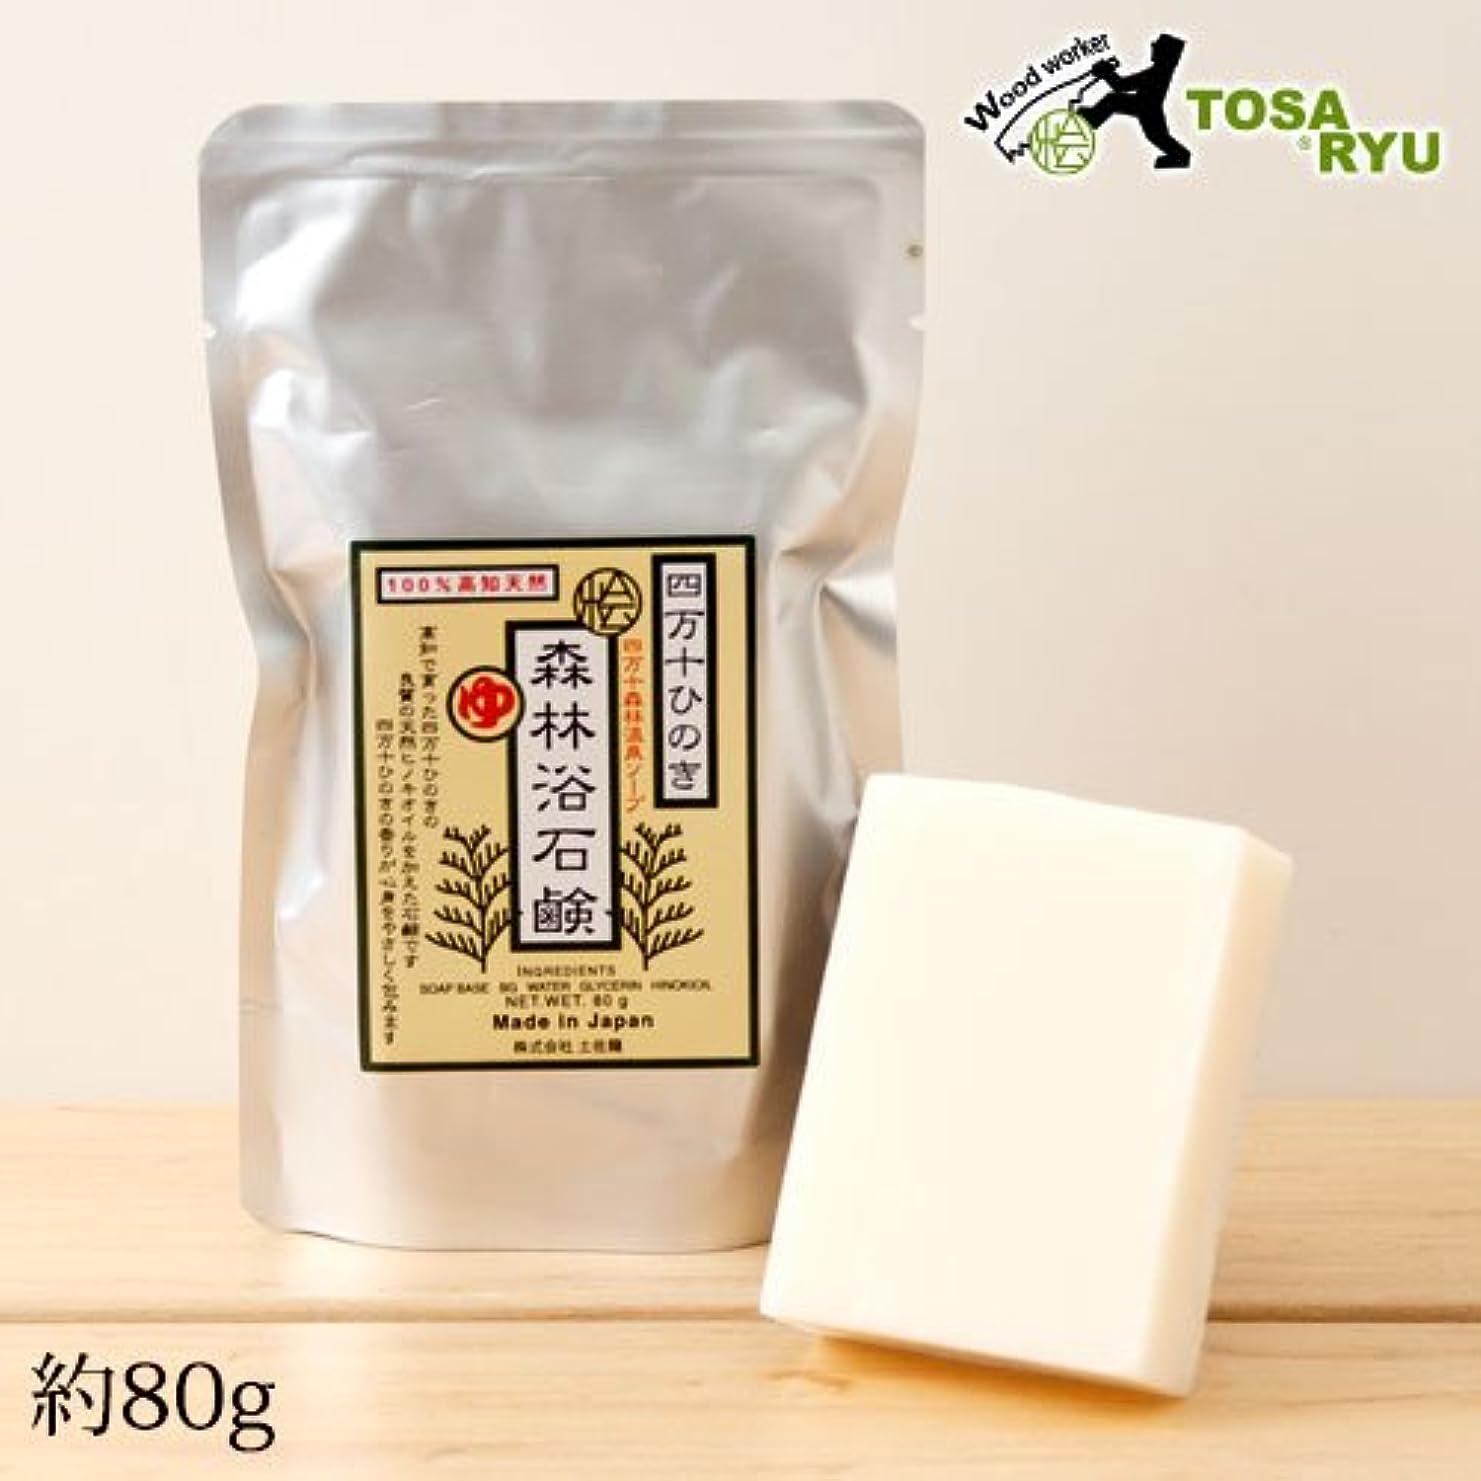 デンプシー巧みなスリル土佐龍四万十森林温泉石鹸ひのきの香りのアロマソープ高知県の工芸品Aroma soap scent of cypress, Kochi craft